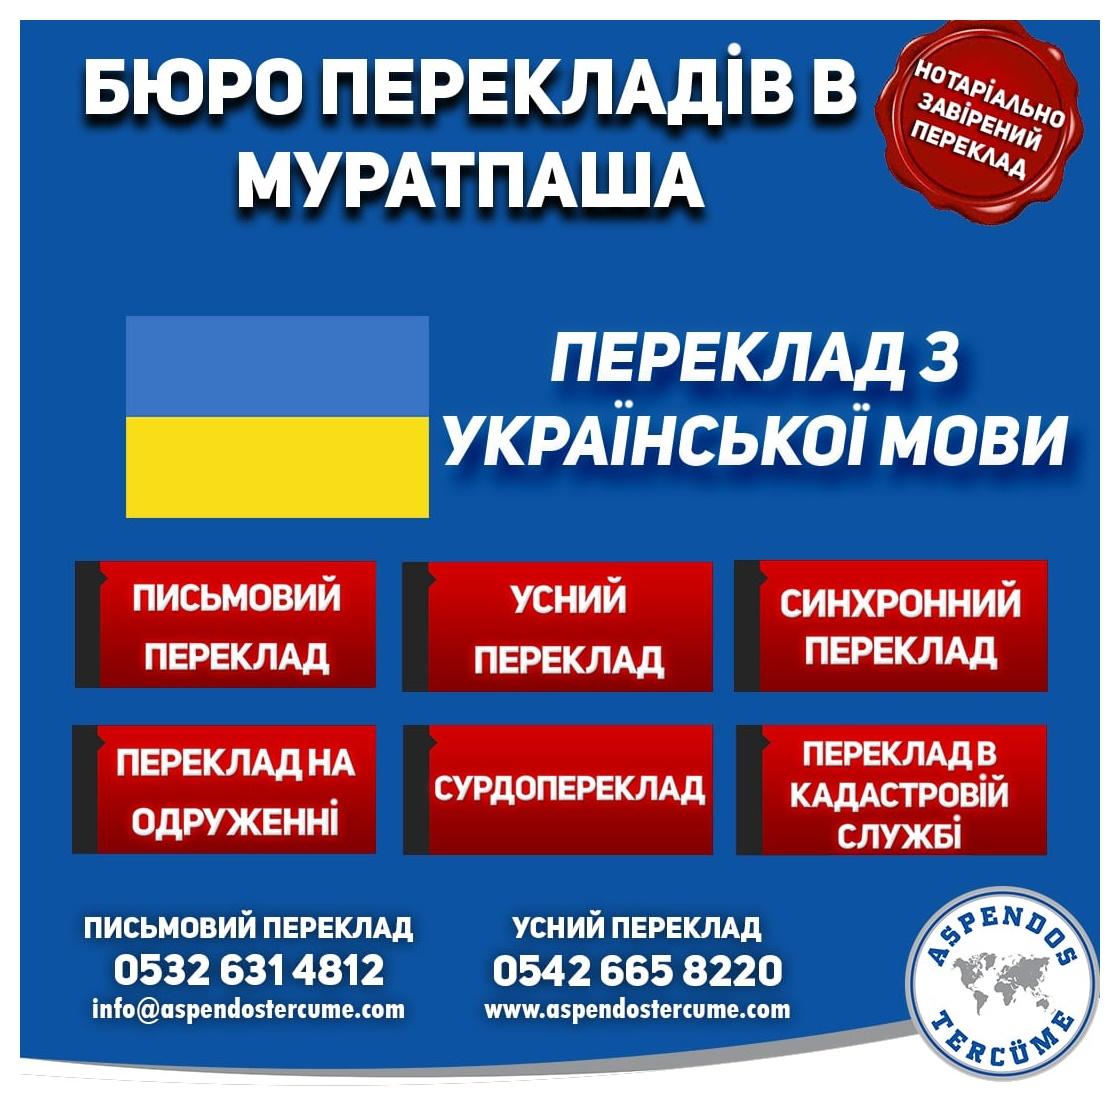 муратпаша_бюро_перекладів_український_переклад